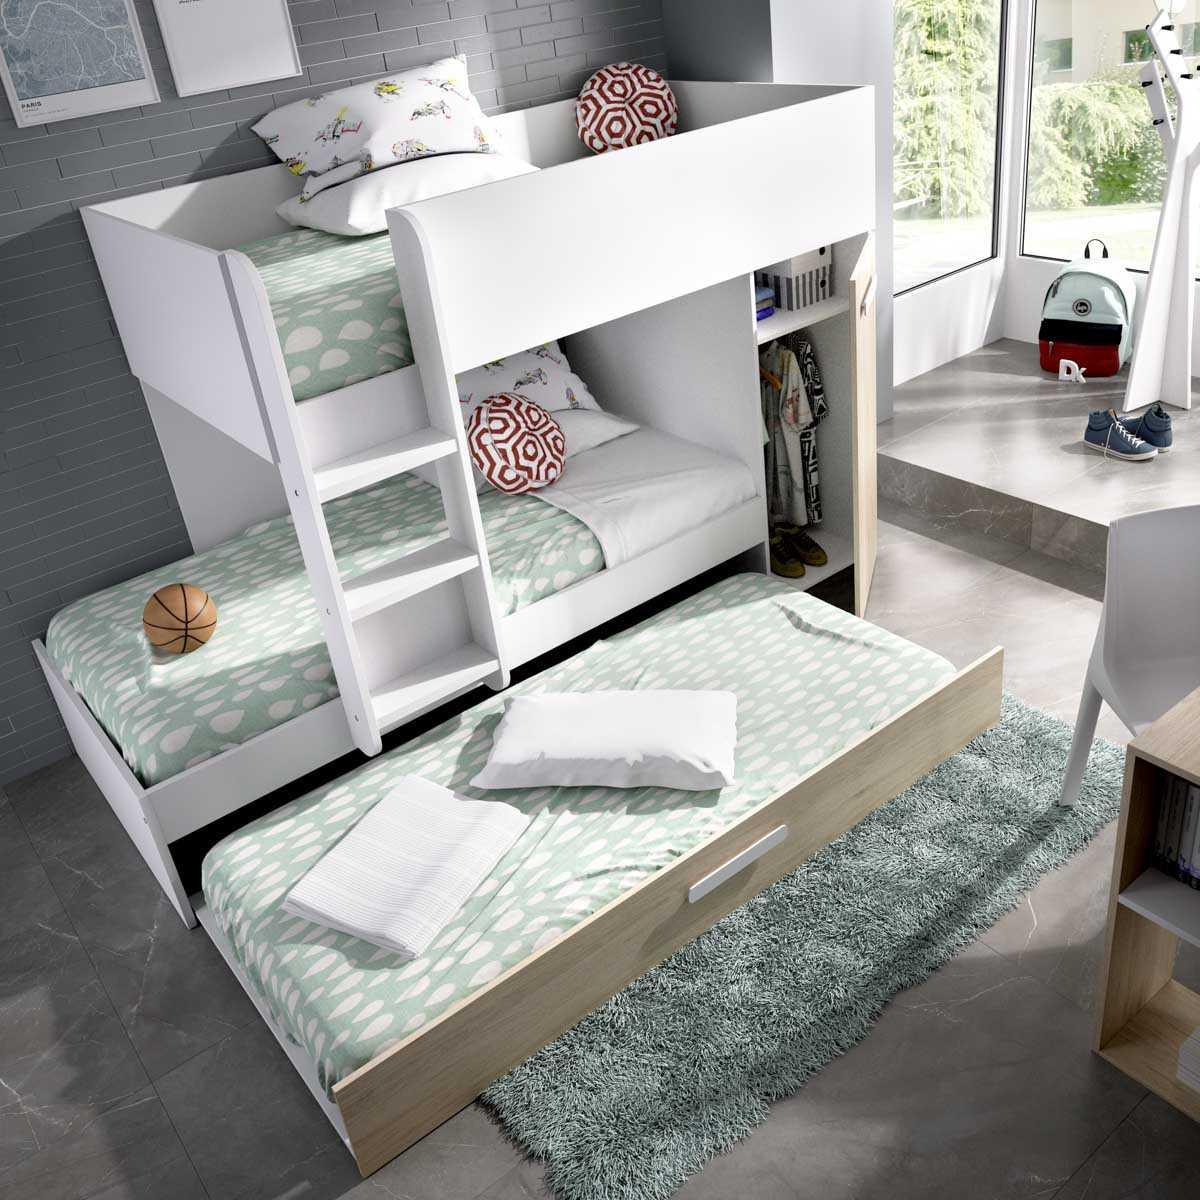 dormitorio juvenil 3 camas blanco 4